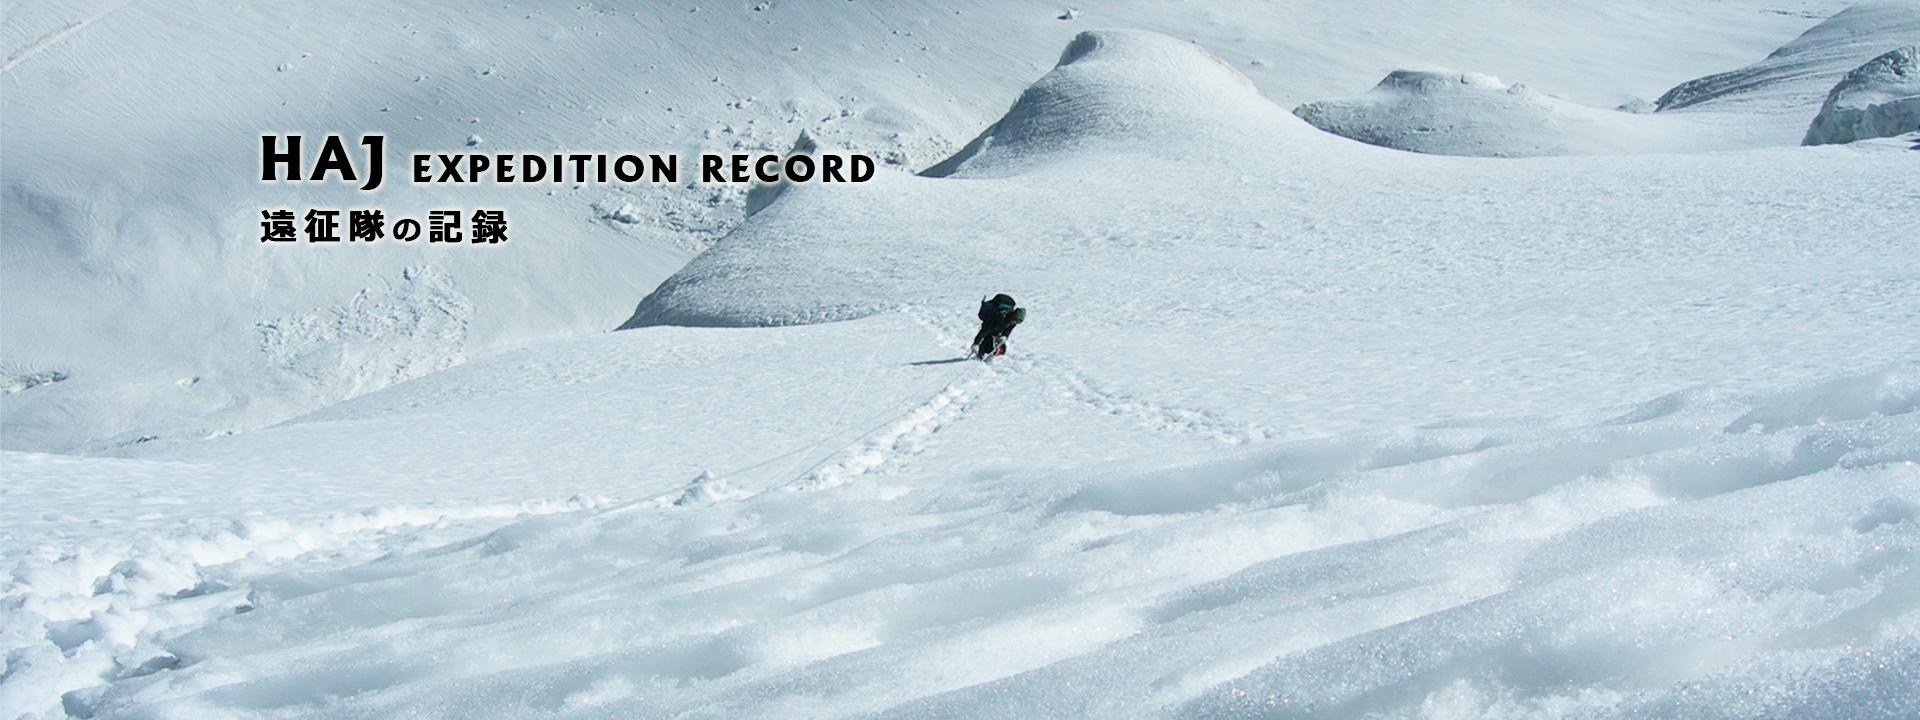 遠征隊の記録